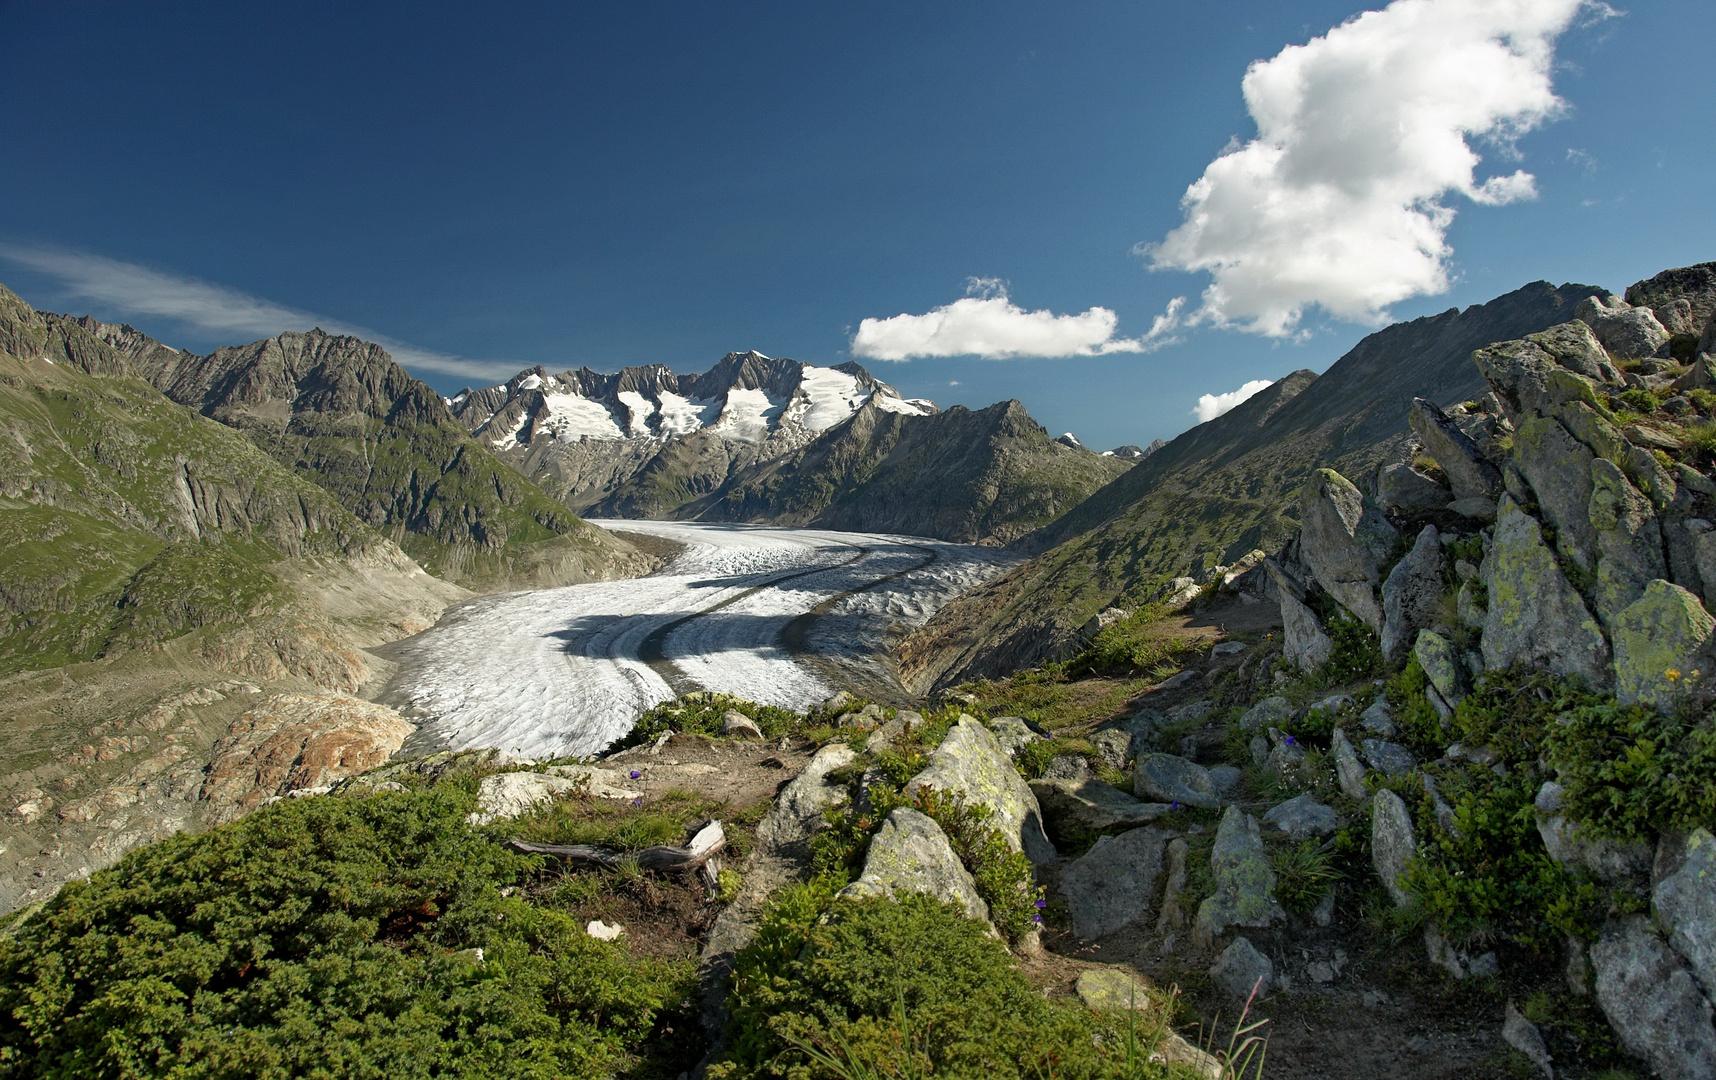 Mhytos Gletscher